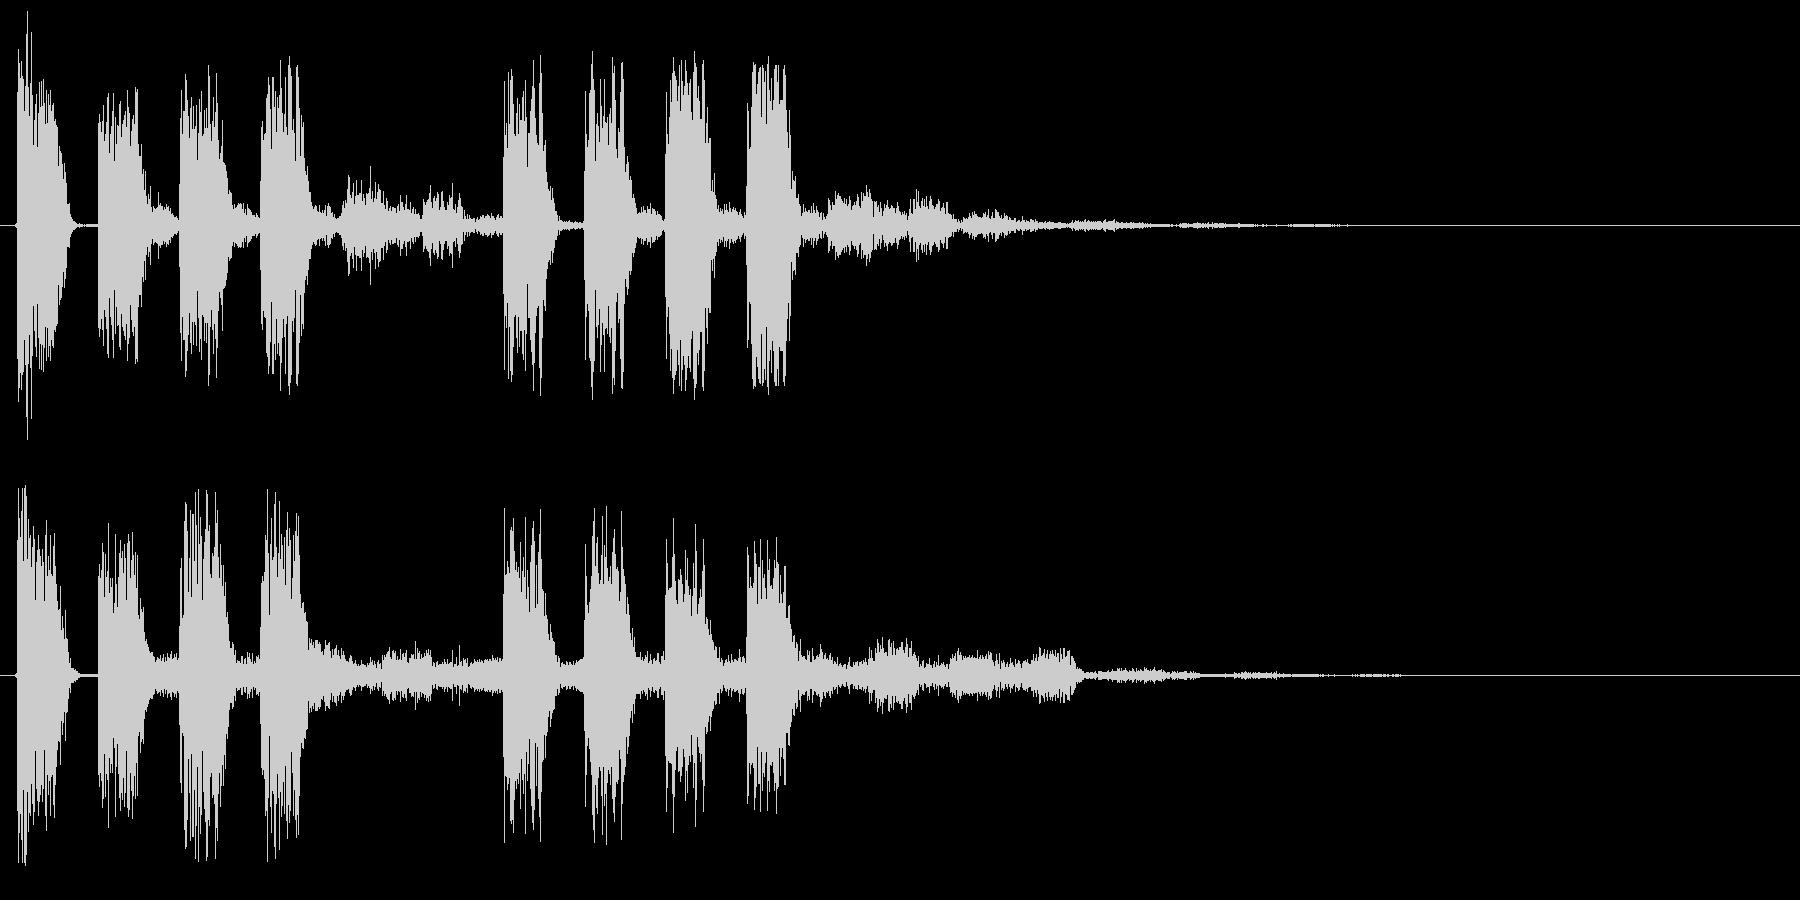 アラート 注意 警戒 警告 危ない ミスの未再生の波形